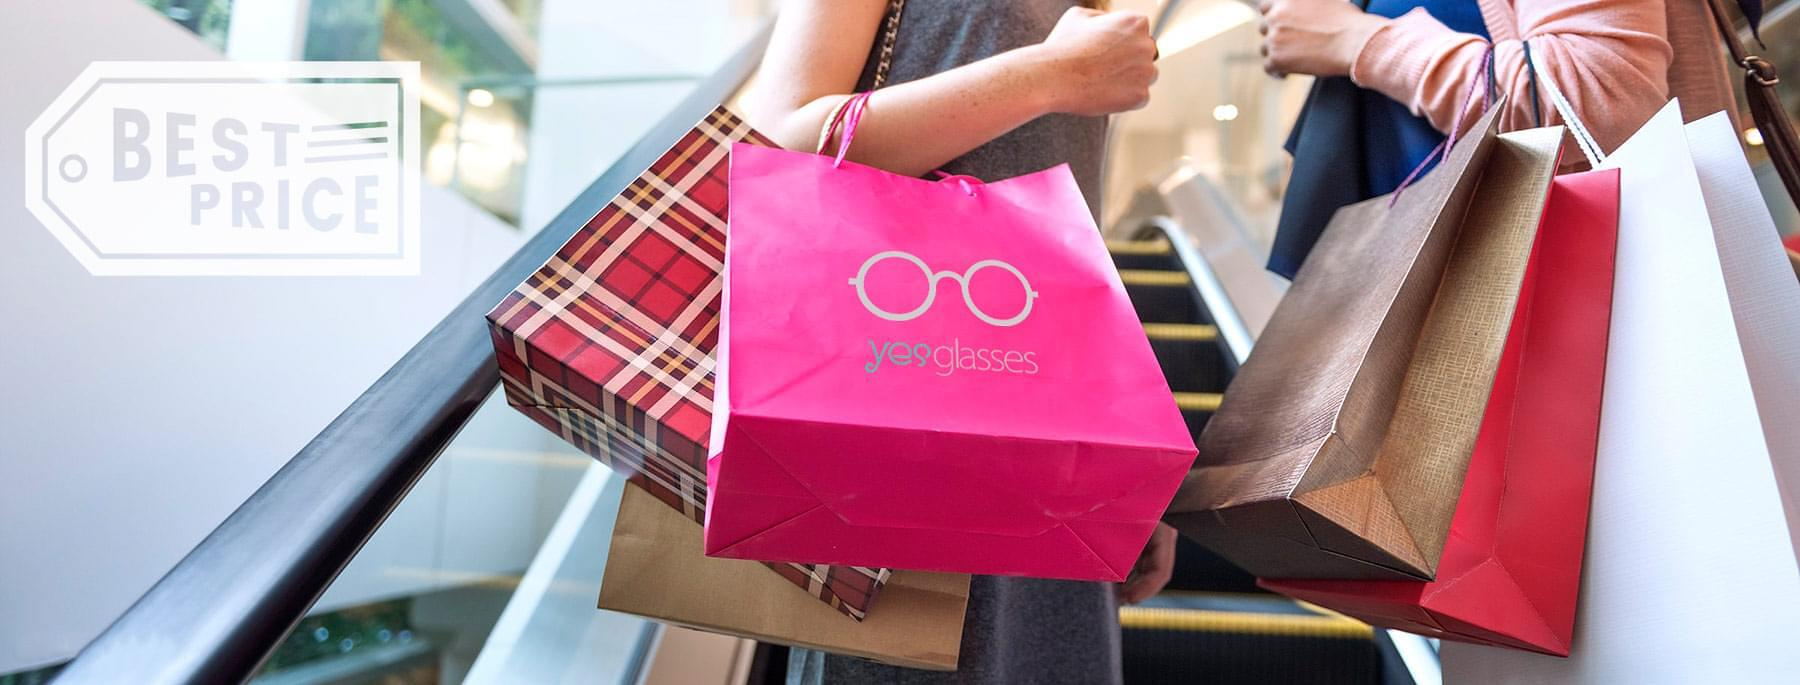 Best Price - Eyeglass Shopping Bag - Yesglasses